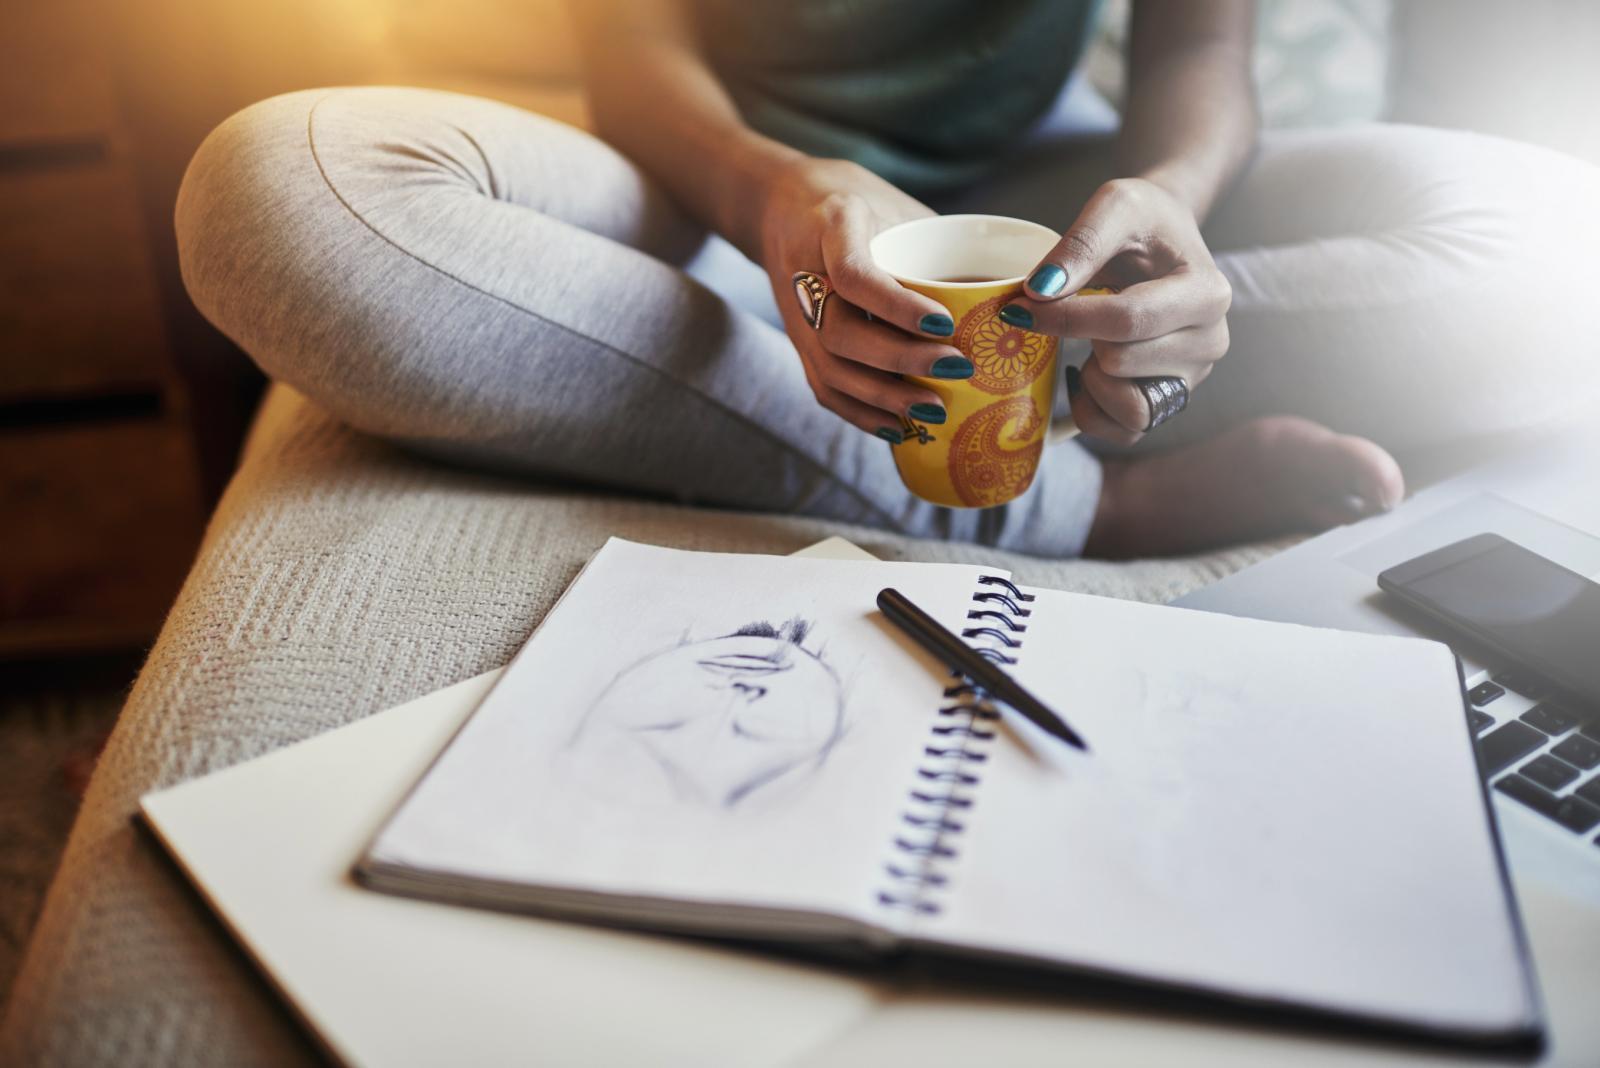 Ukoliko želite postići terapeutski efekt pojedinih čajeva, treba ih piti u većim dozama nego što je navedeno na deklaracijama.